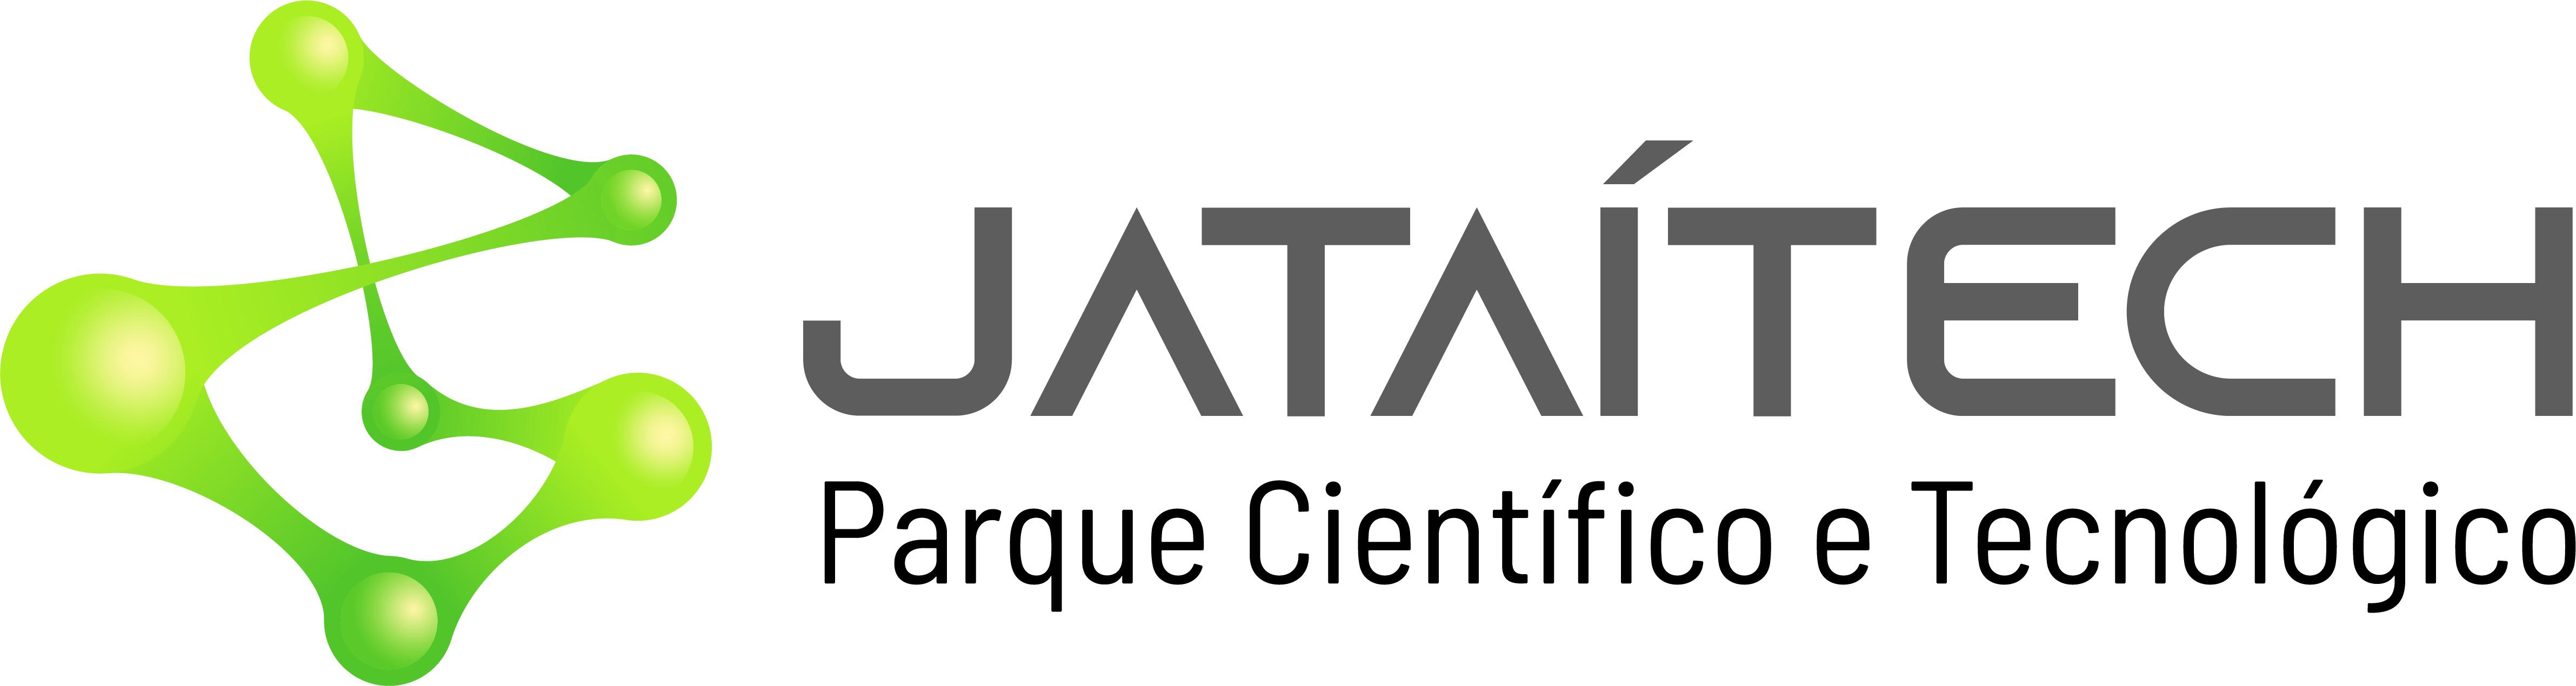 Jataí Tech - Atualizada